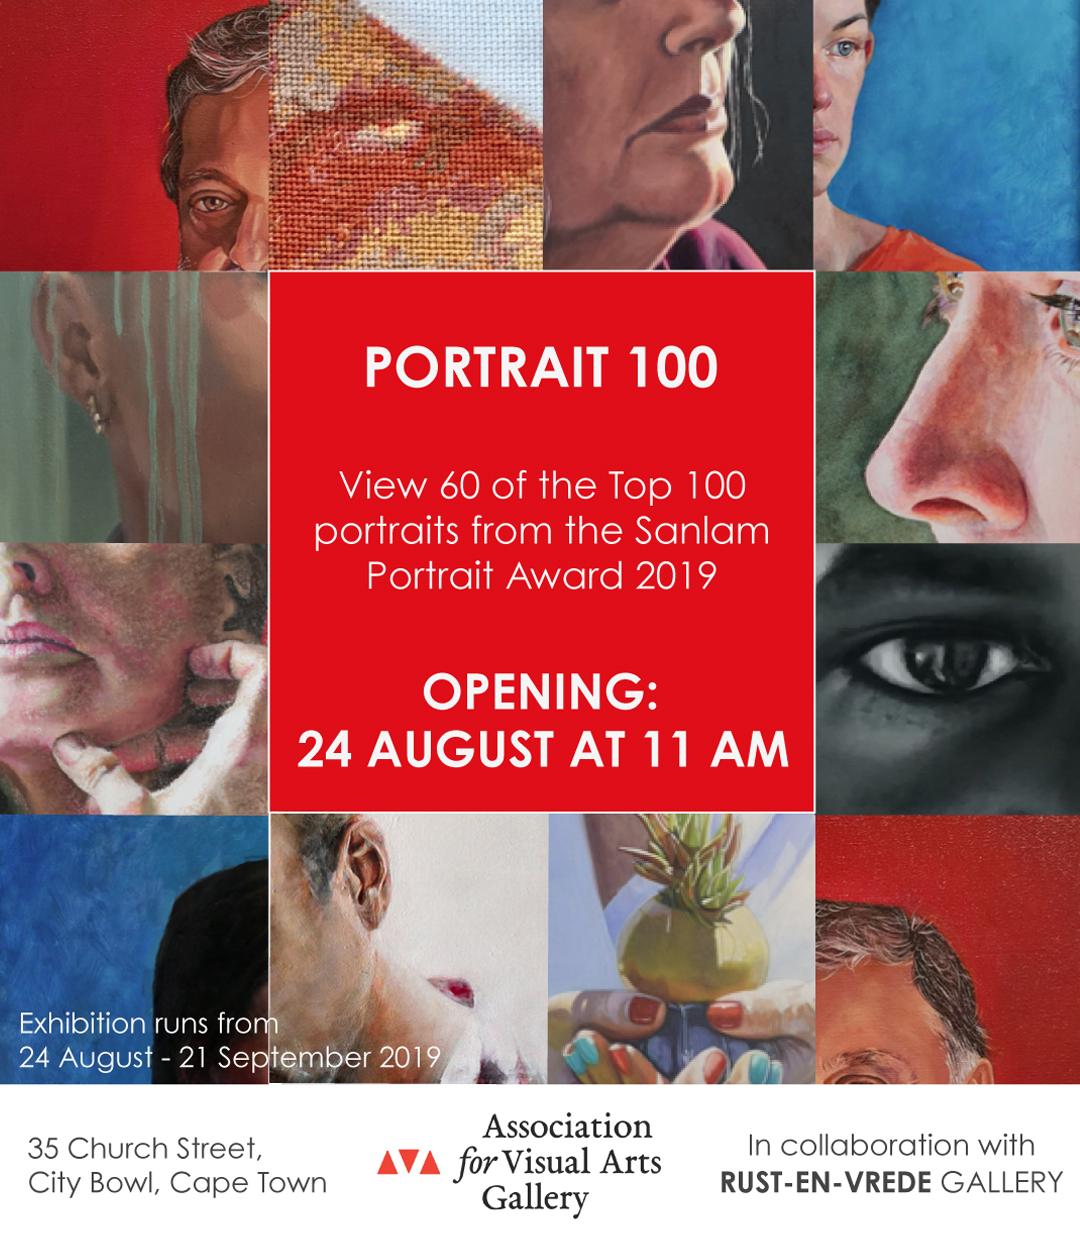 Portrait 100 Evite mailer.jpg